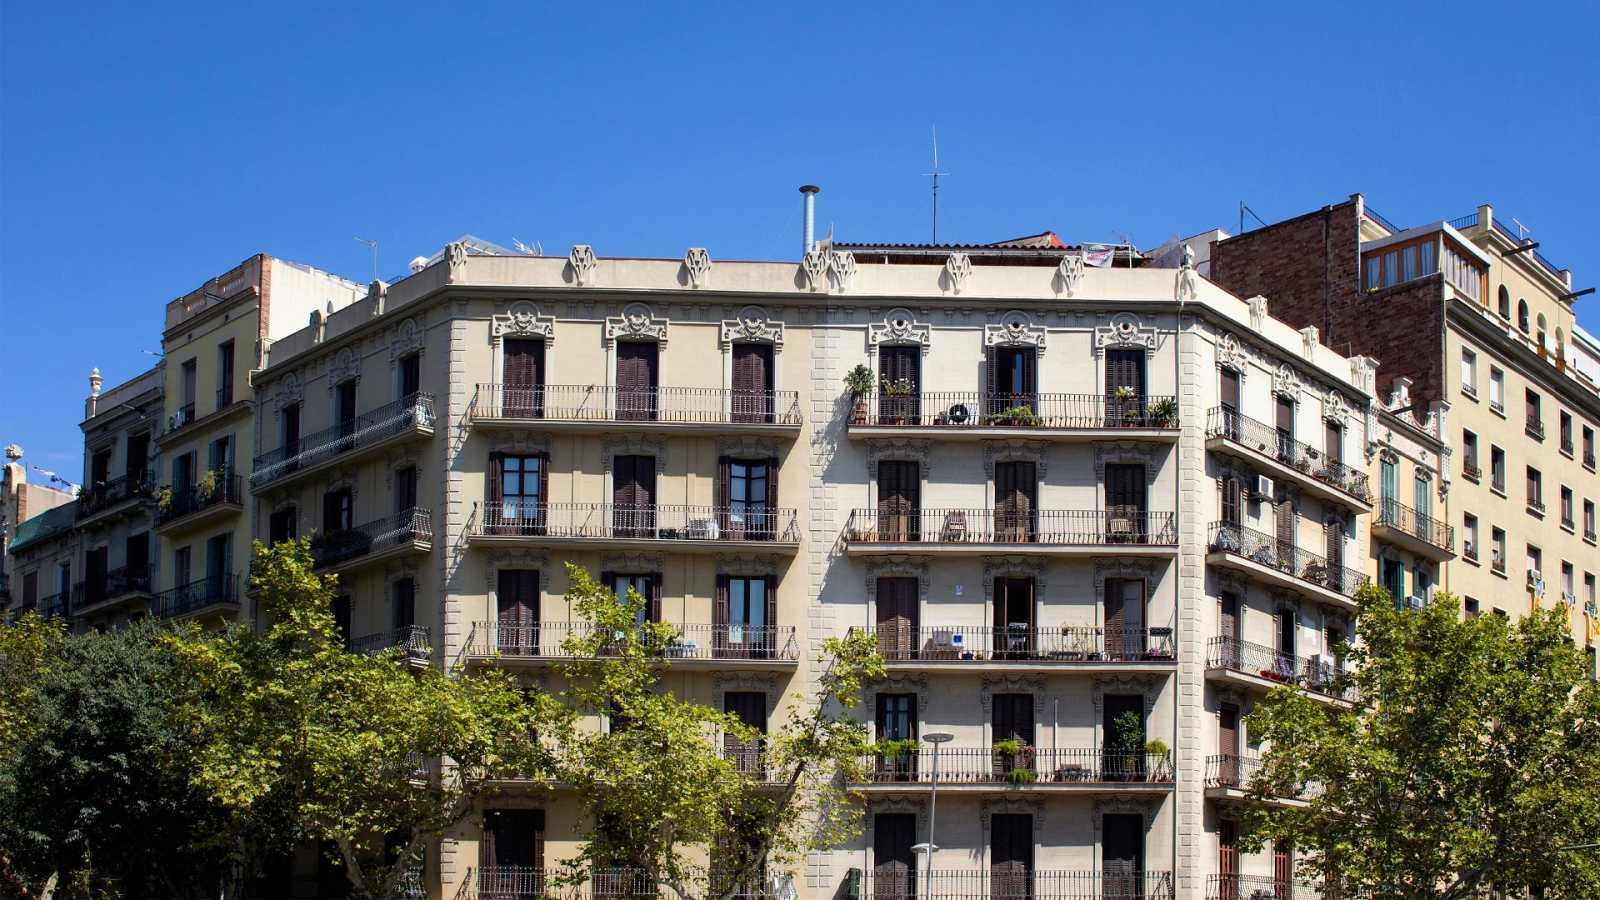 Ley de Vivienda: continúa el choque entre los socios de Gobierno por la regulación del precio del alquiler